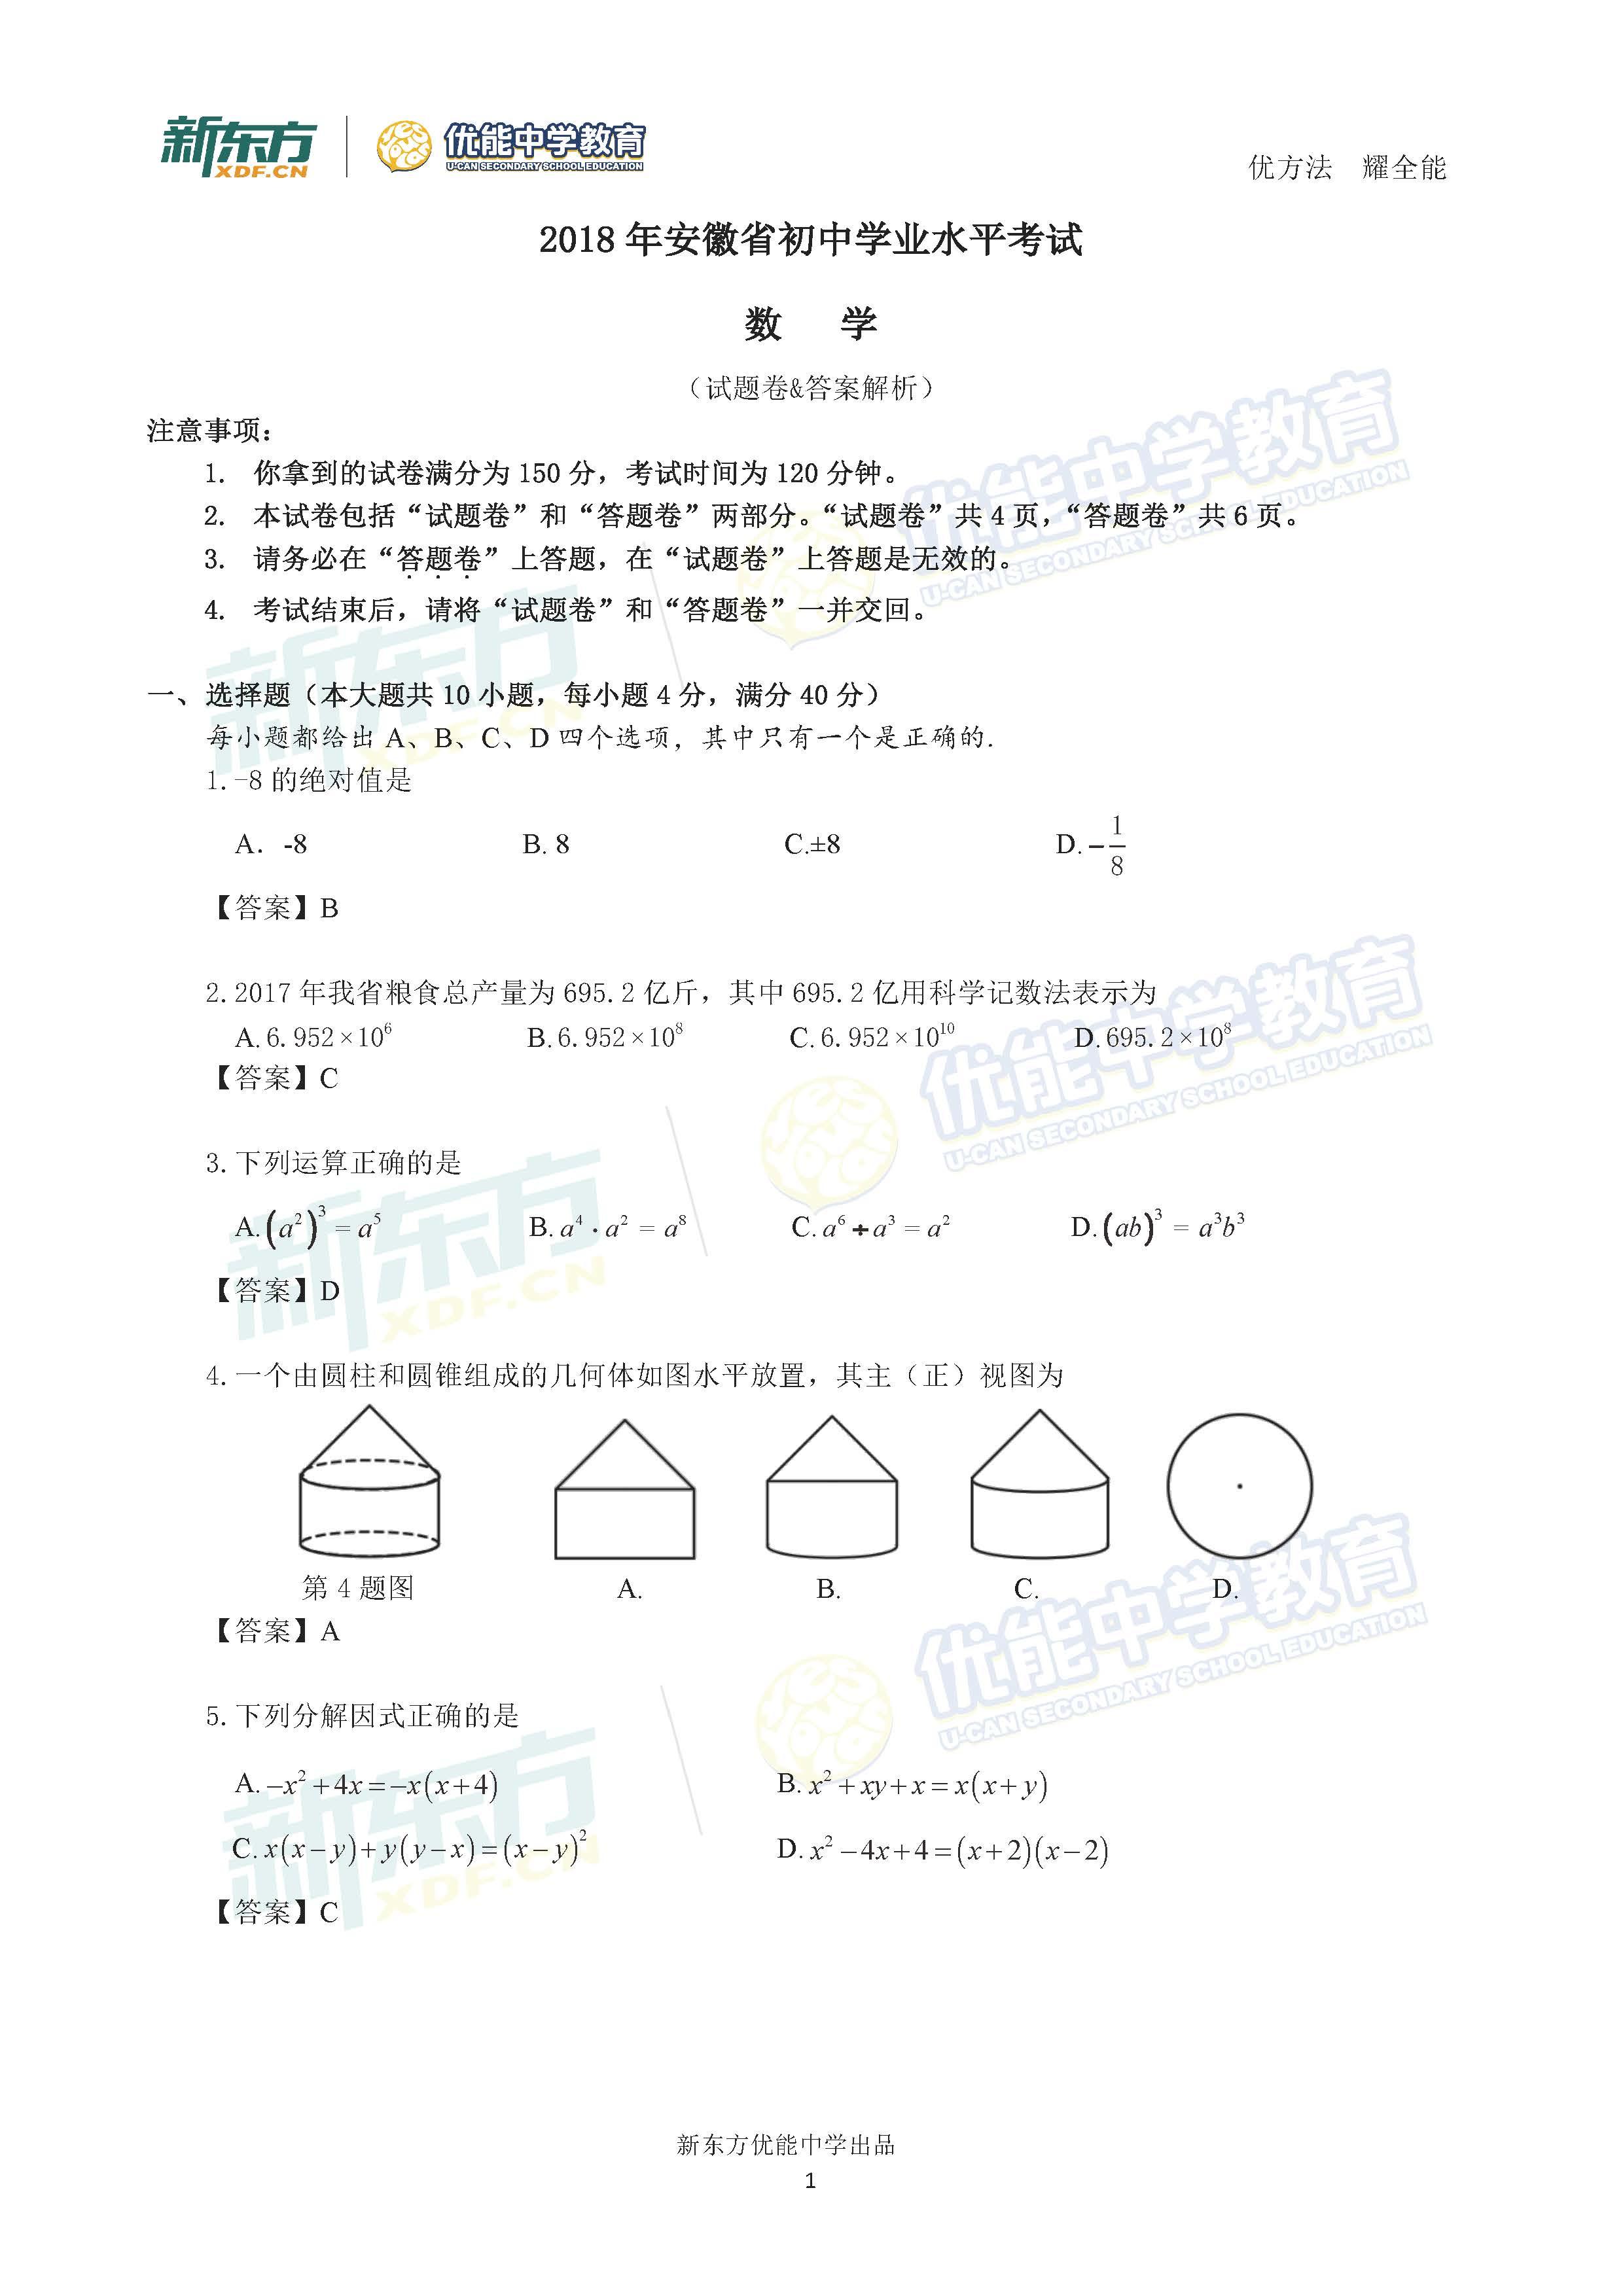 2018安徽中考数学试题答案逐题解析(安徽新东方)